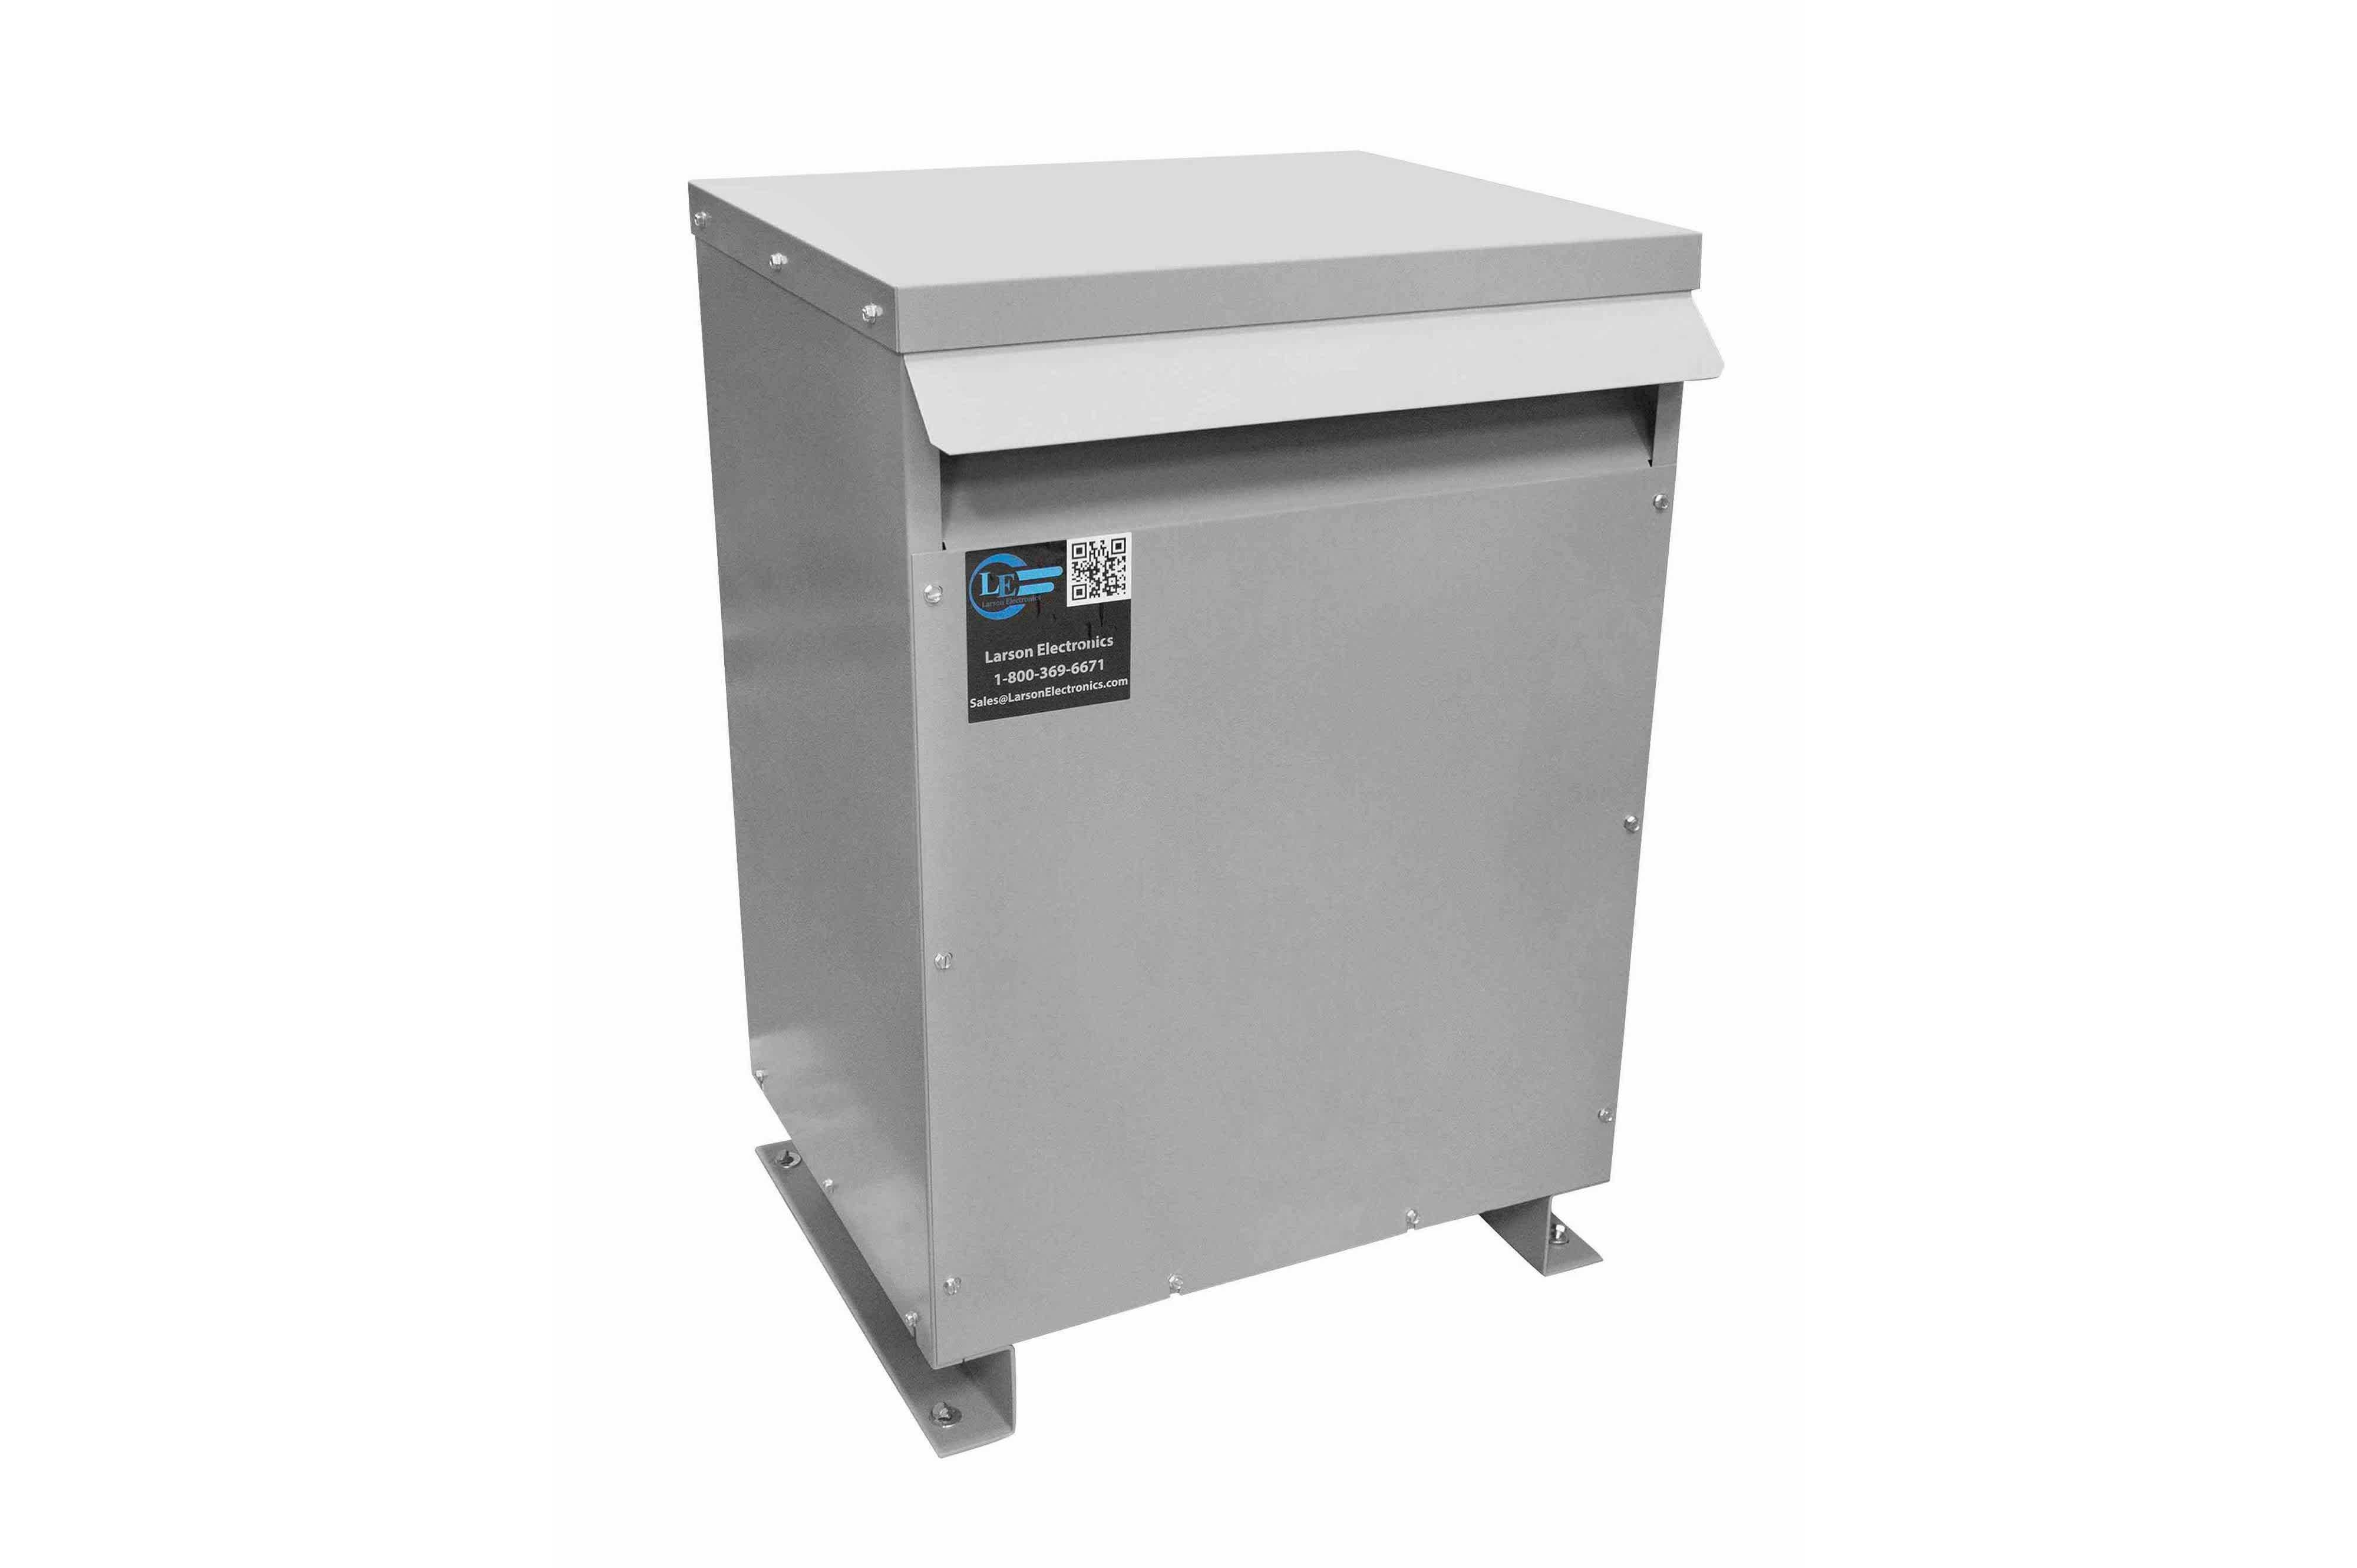 175 kVA 3PH Isolation Transformer, 400V Delta Primary, 600V Delta Secondary, N3R, Ventilated, 60 Hz